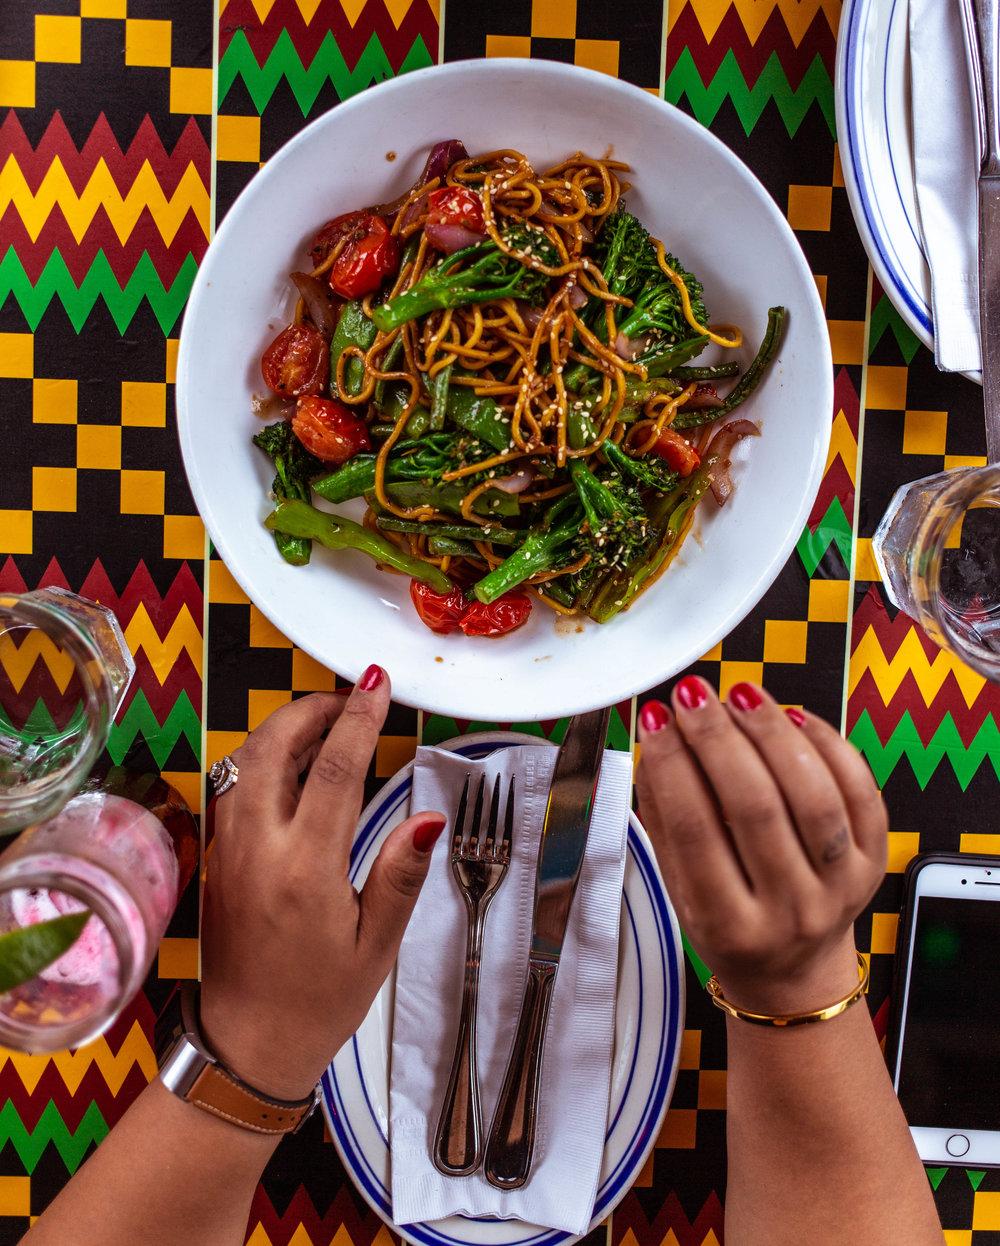 lilys food full (1 of 1).jpg